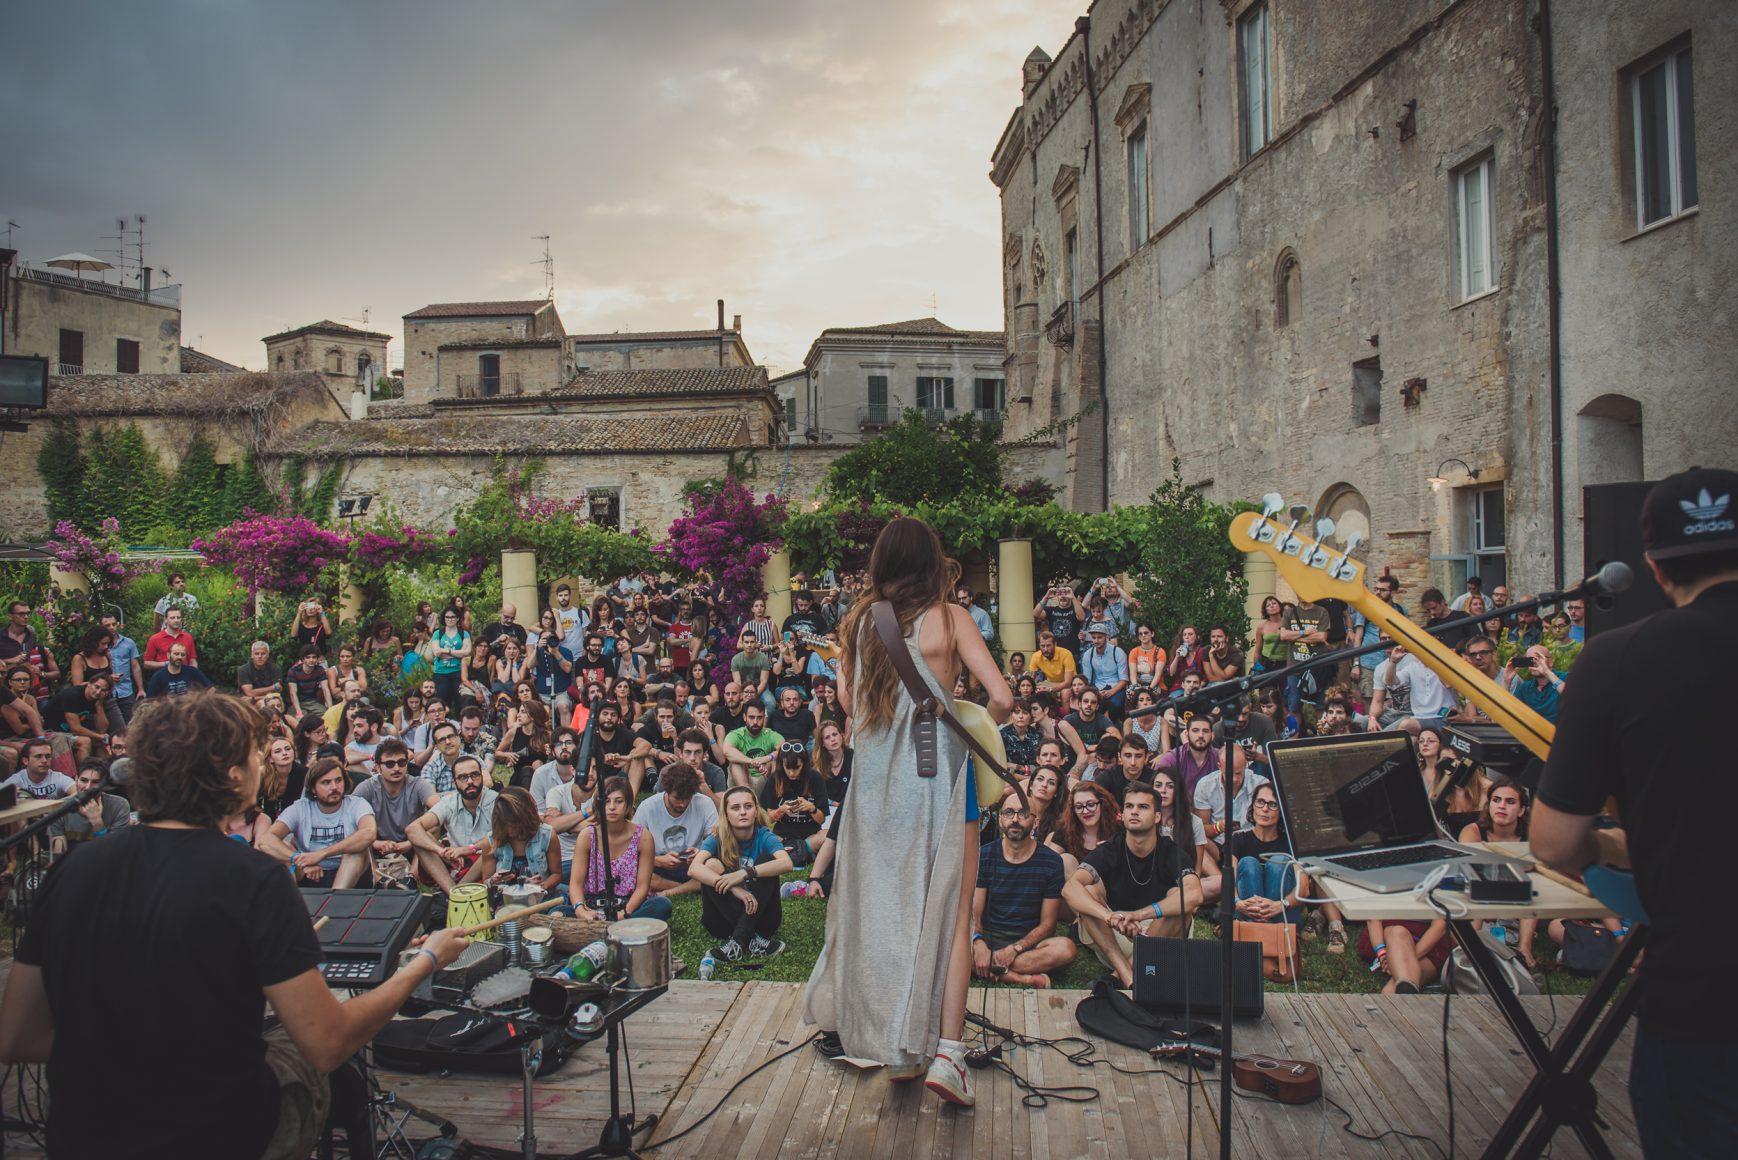 joan-thiele-giulia-razzauti-siren-festival-5298-1738×1160